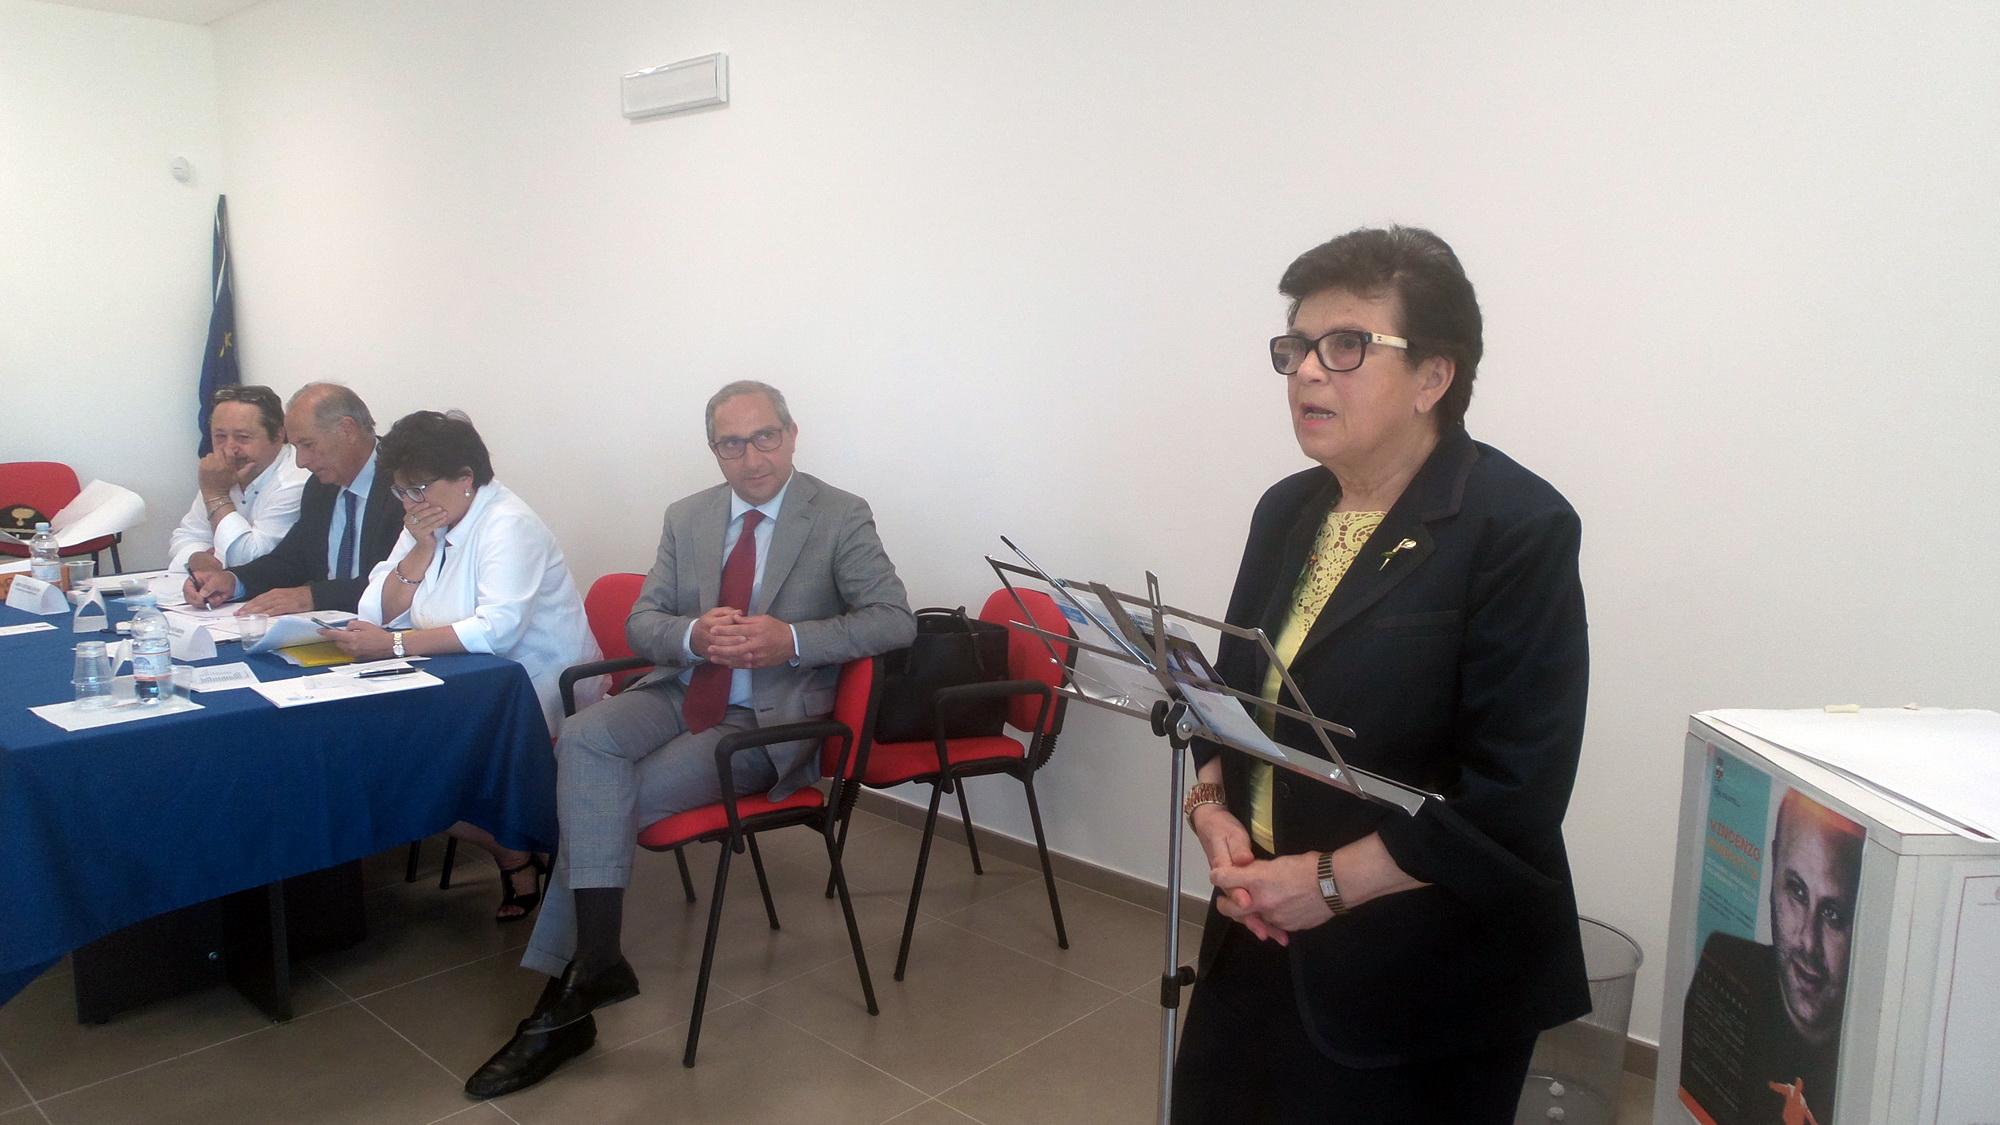 Truffa allo Stato e sfruttamento dei lavoratori: incontro promosso dall'Inps